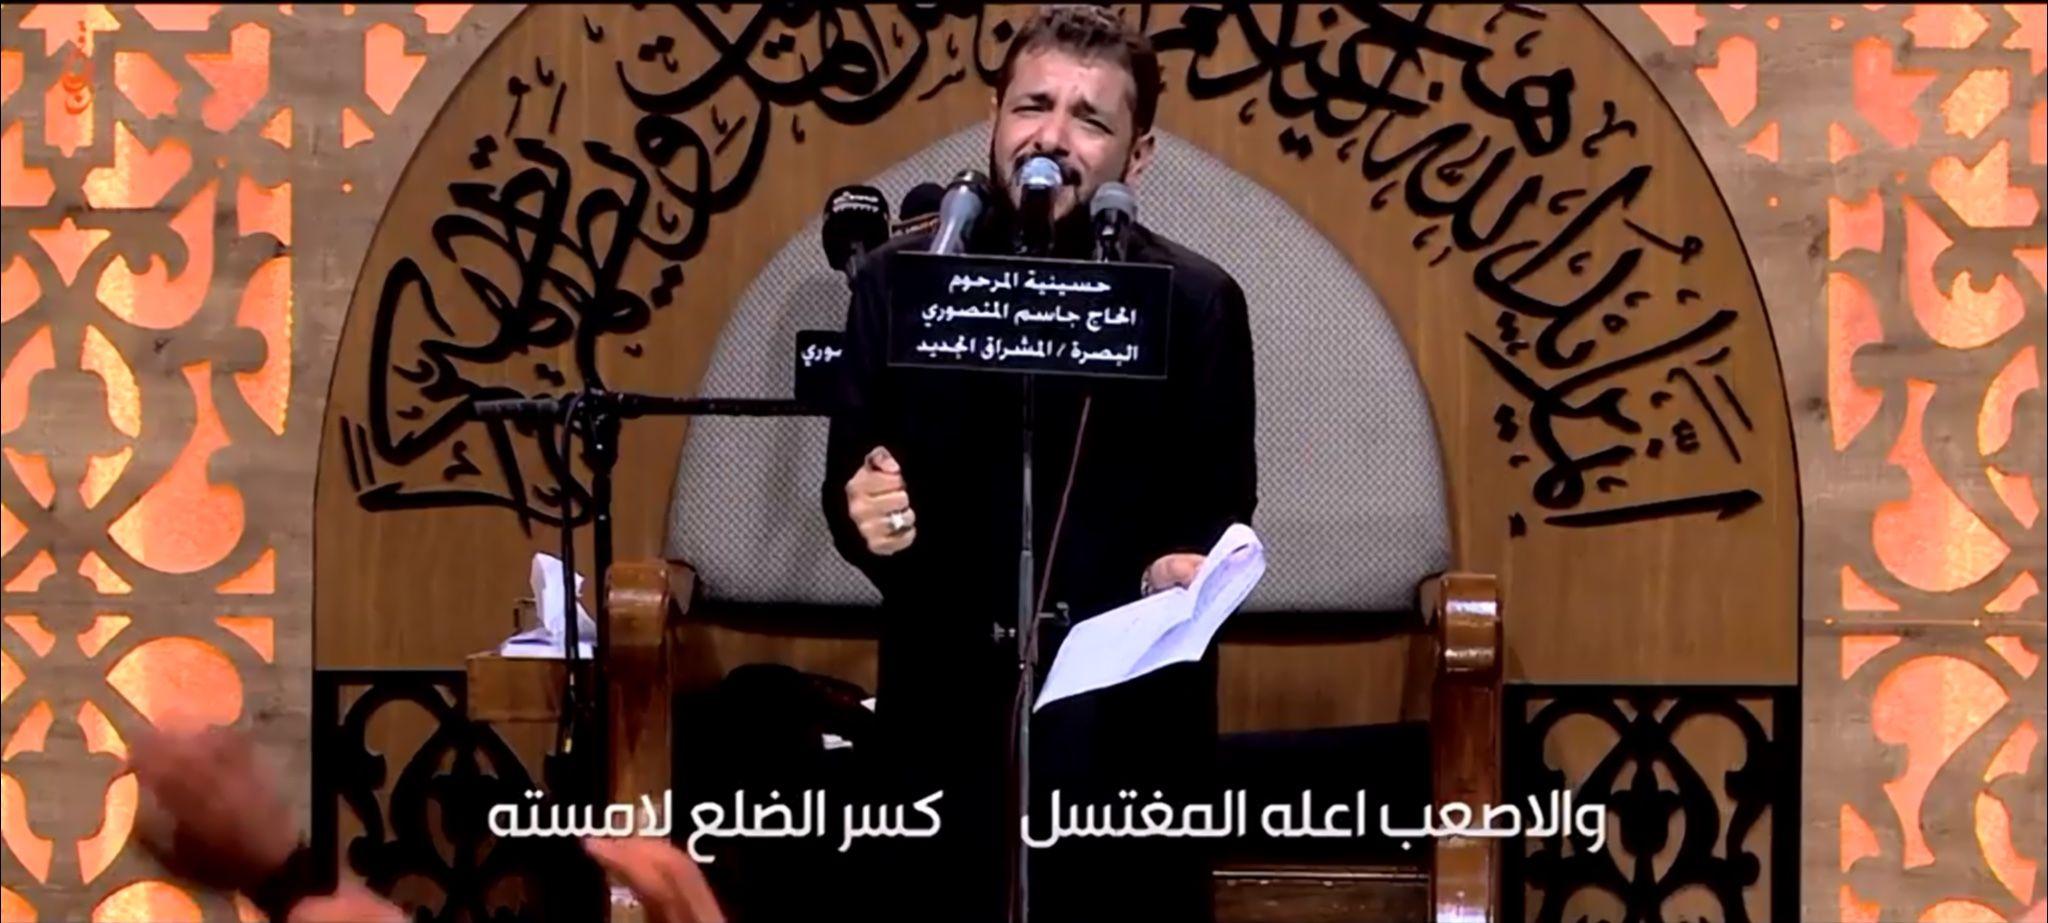 كان الله في عونك يا علي Amo